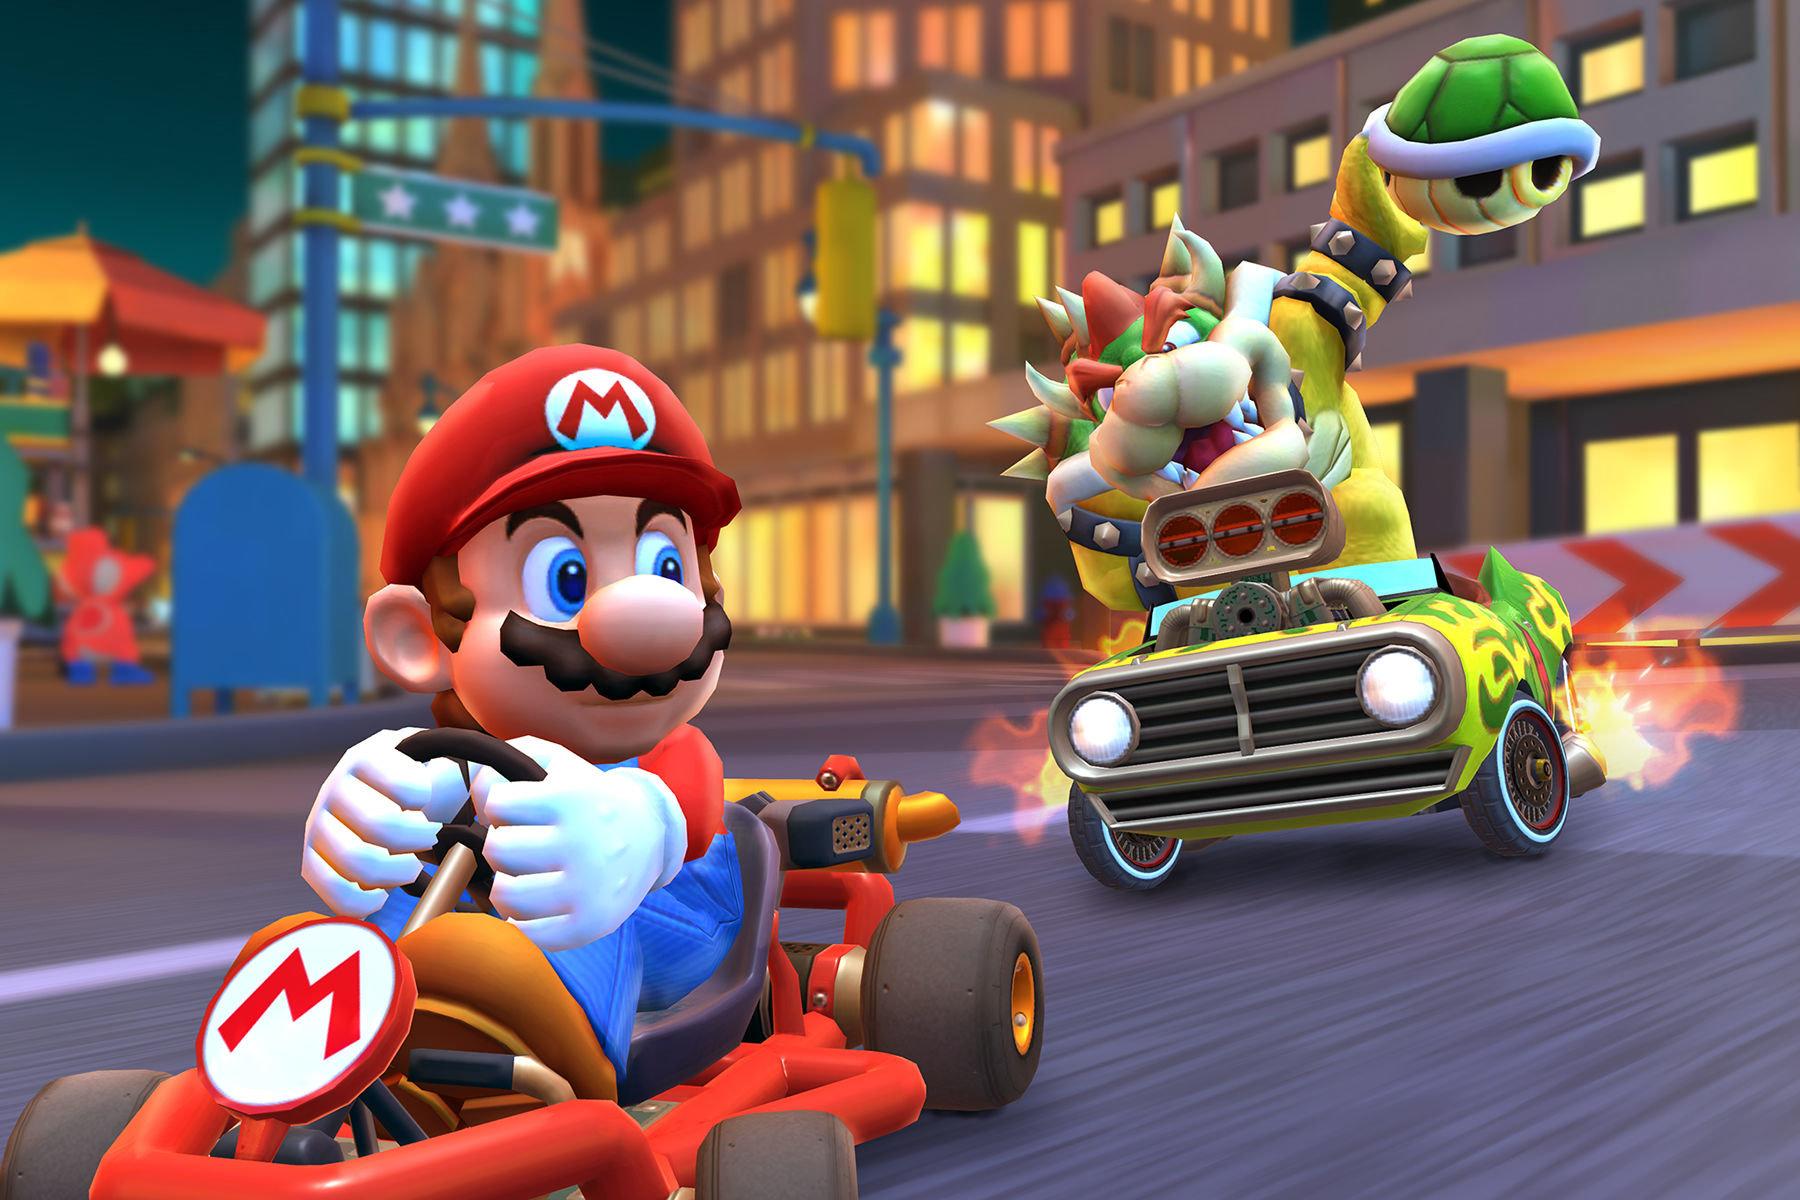 Mario Kart Tour estrena el modo multijugador: ¿cómo jugar?